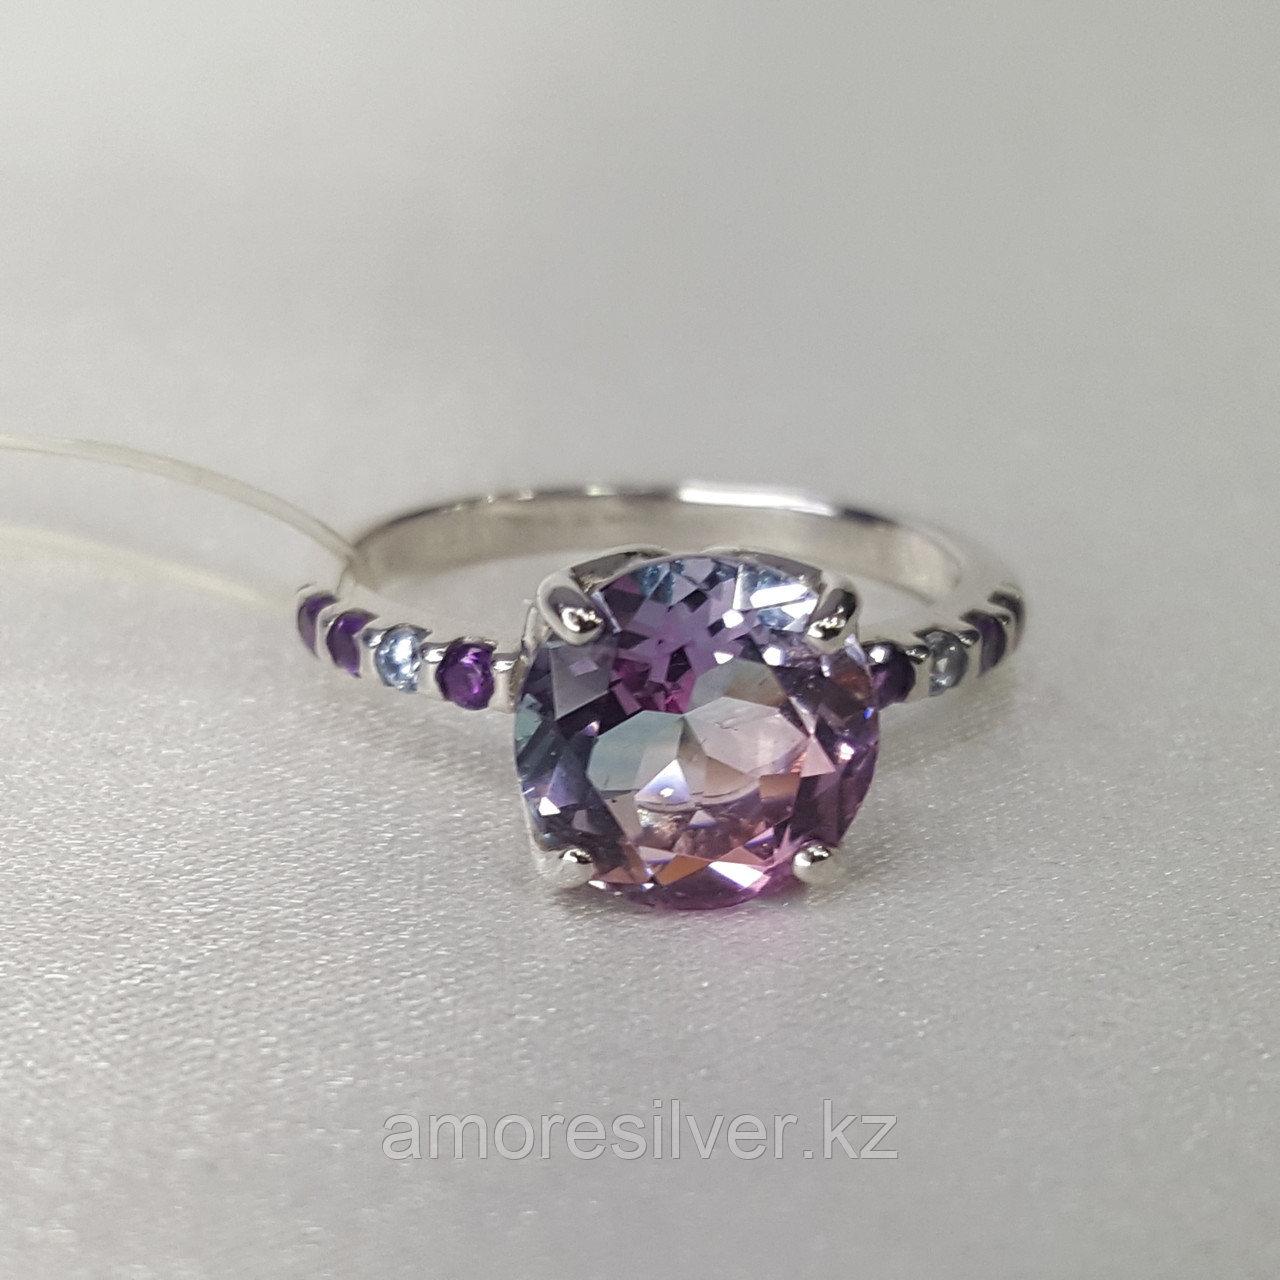 Кольцо SOKOLOV серебро с родием, ситал синт. фианит , многокаменка 92011717 размеры - 18,5 - фото 8